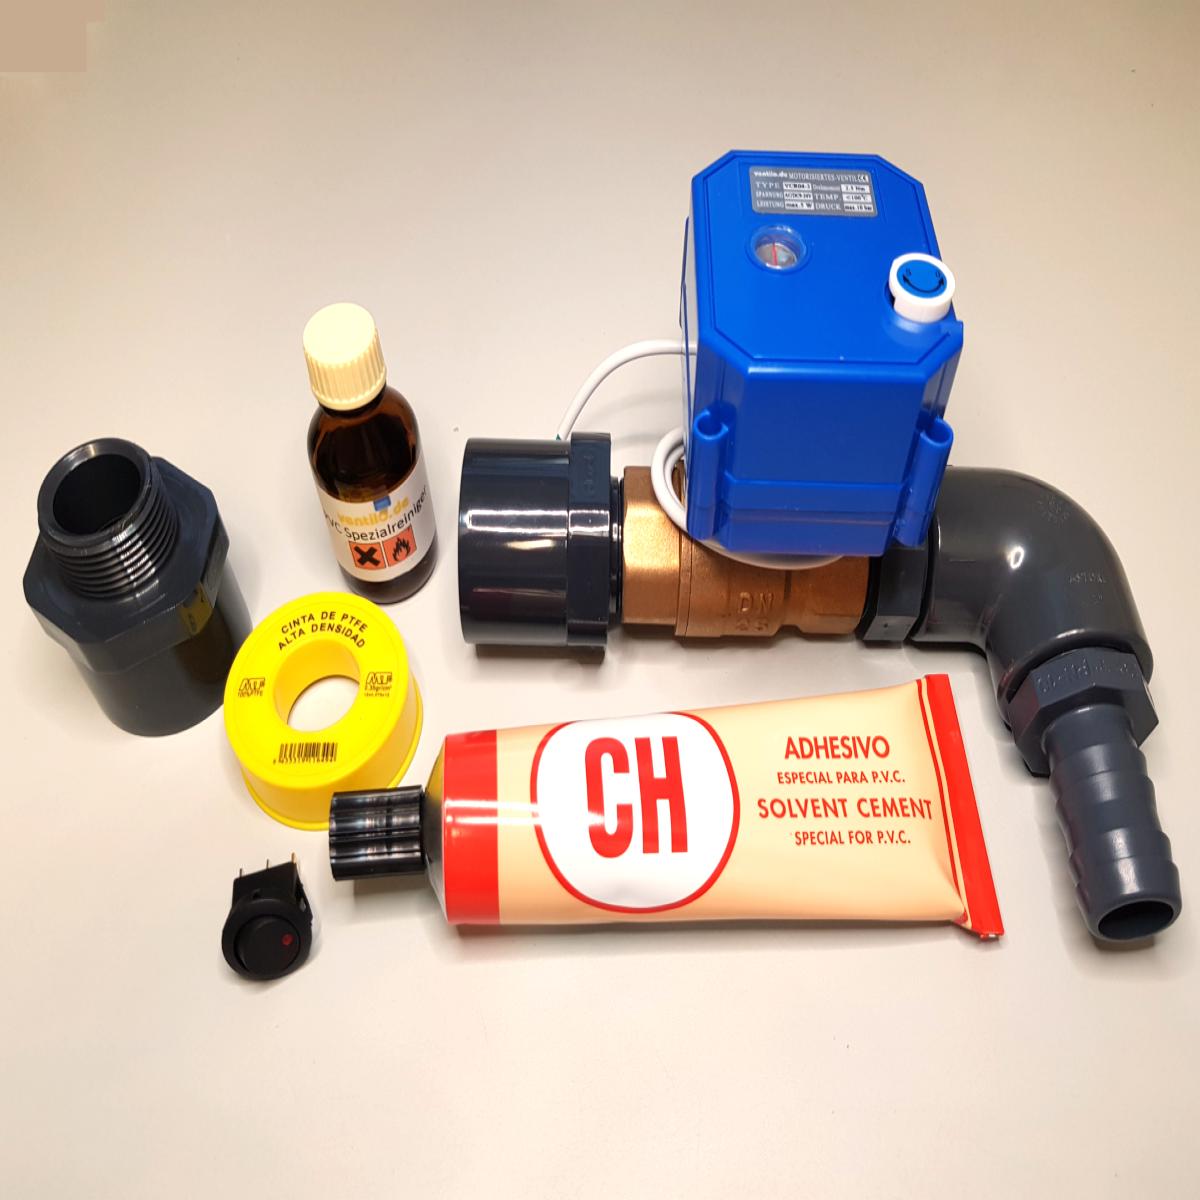 Komplettset 1 Abwasserventil Dn25 Elektrisch 12v Mit Anschluss 40mm Rohr Am Wohnmobil Ventilo Com Wohnmobil Elektrisch Abwasser